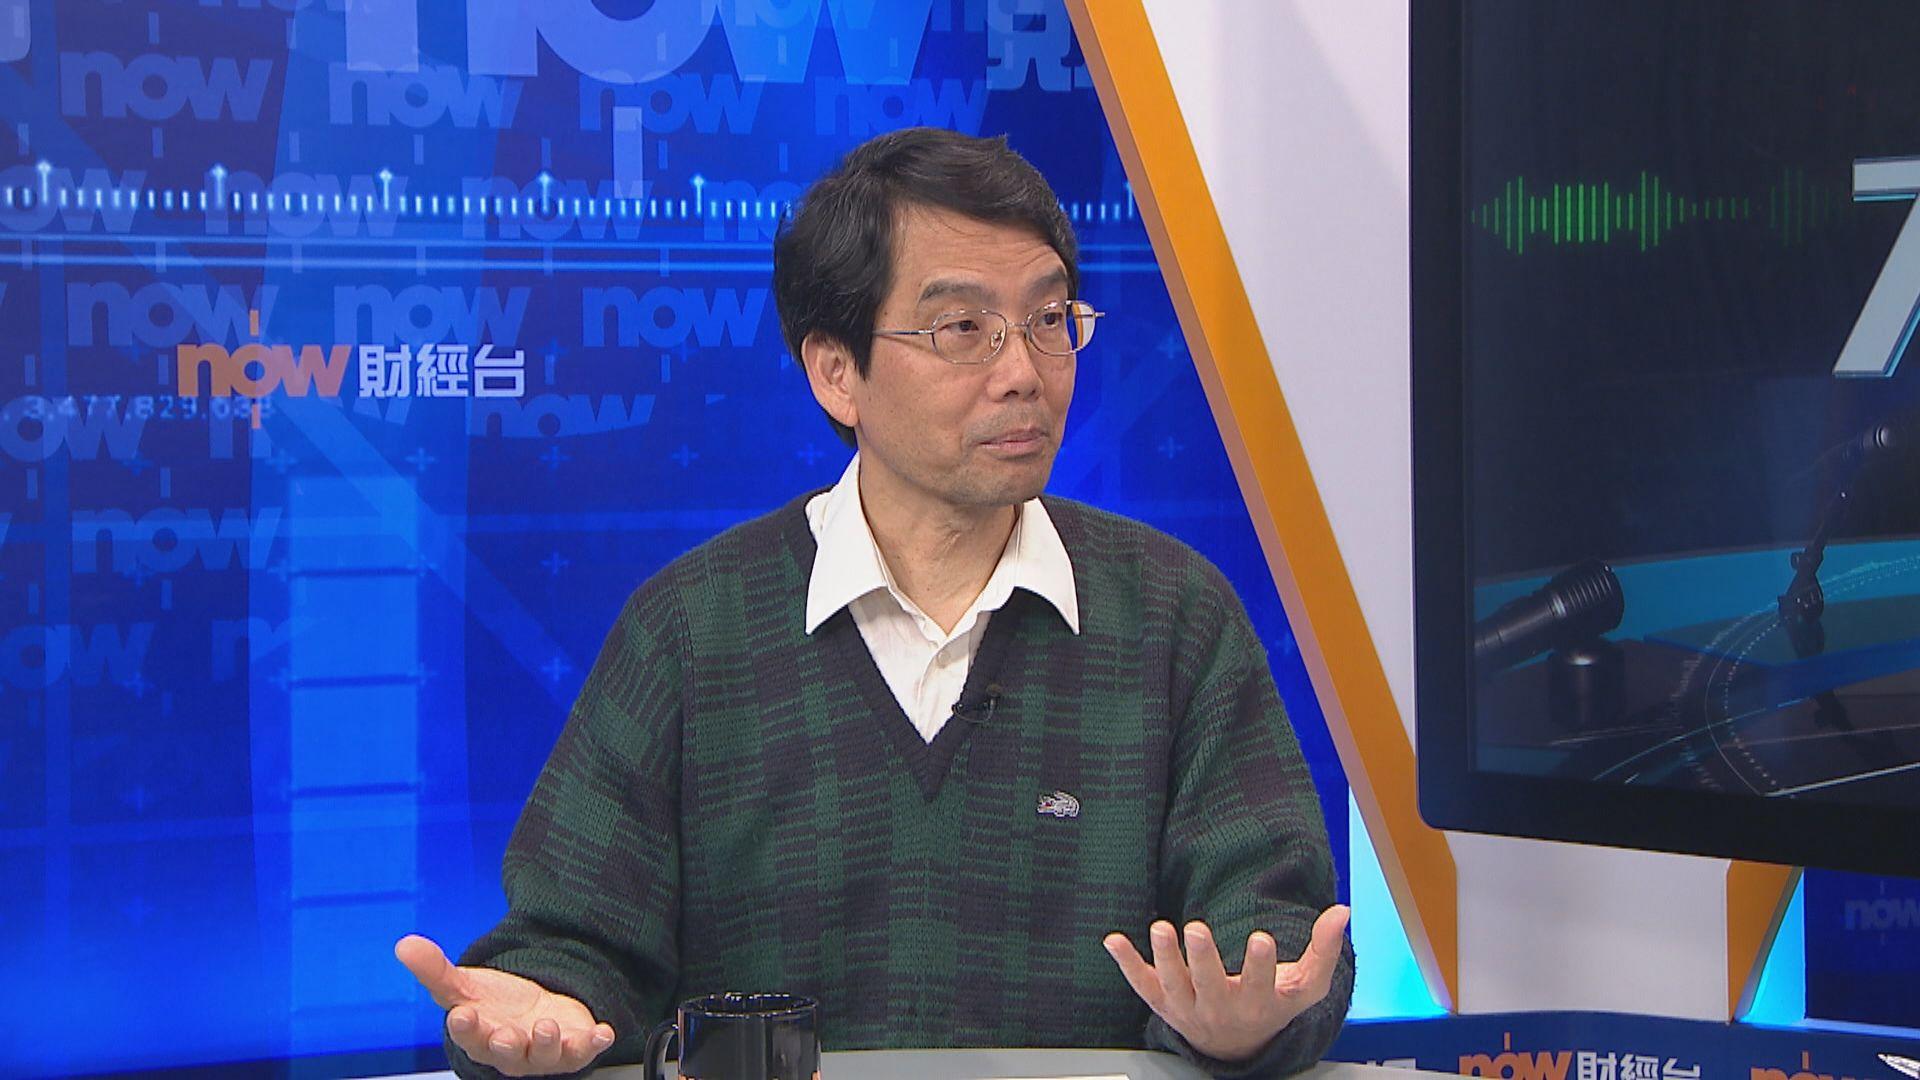 黃偉賢︰若警方拒配合721事件工作小組 反映政府不願跟區議會建良好關係